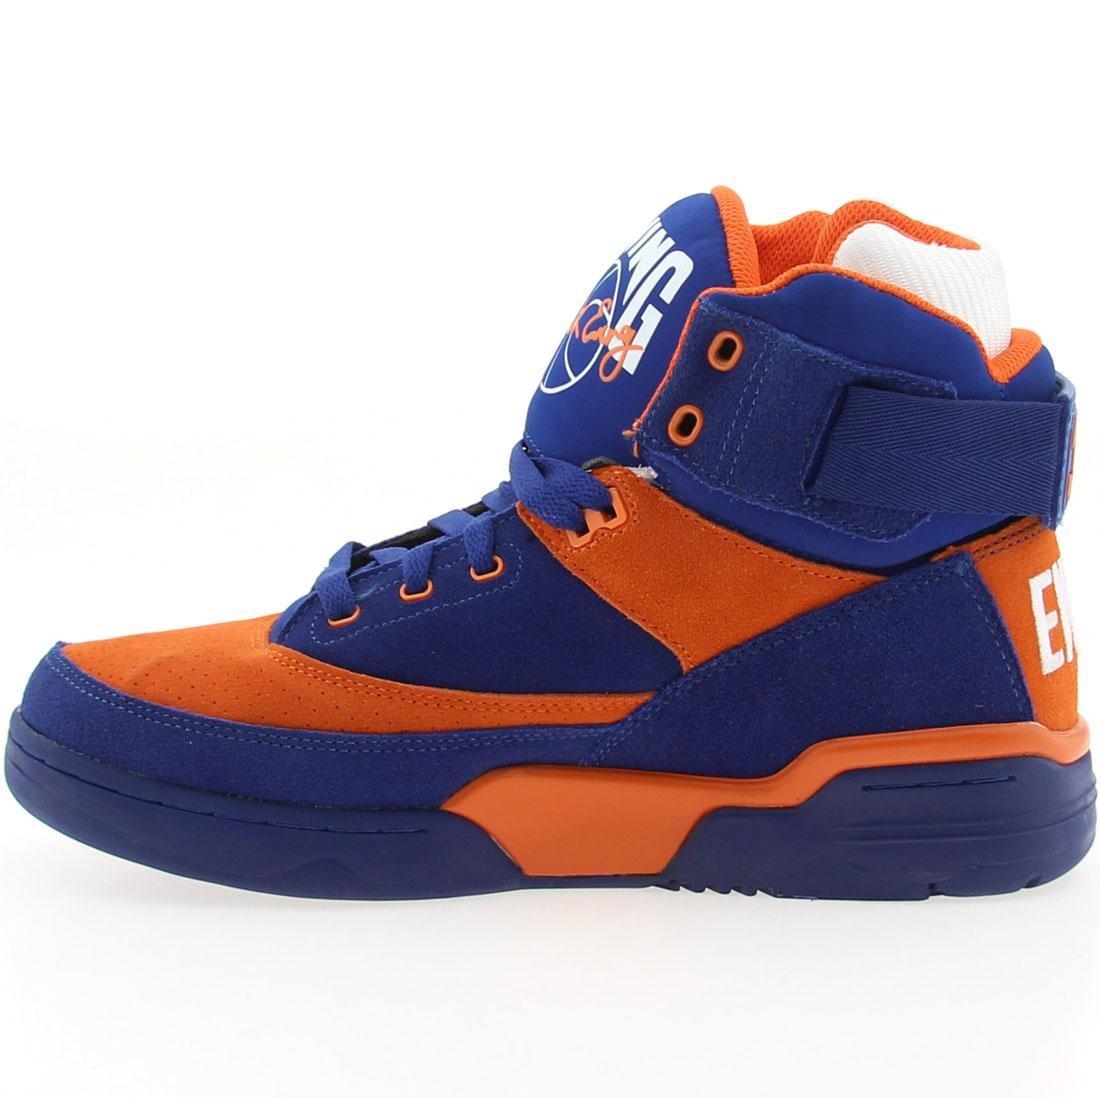 Patrick Ewing 33 HI Zapatillas Sneakers Cuero Gamuza Azul Naranja para Hombre Baloncesto: Amazon.es: Deportes y aire libre